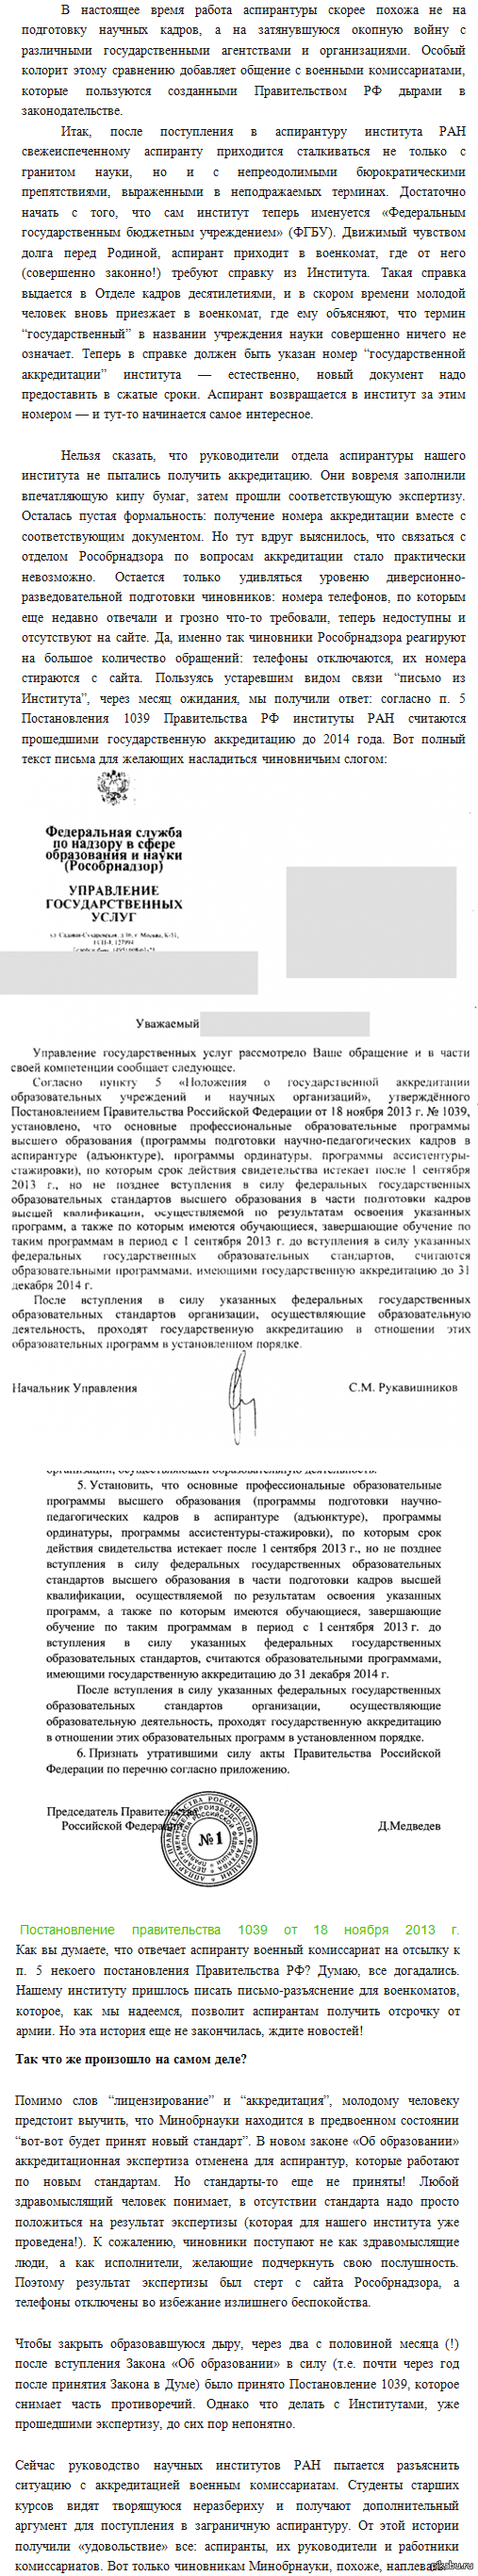 """Аспирантура или что сейчас происходит с аспирантами. был уже подобный пост: <a href=""""http://pikabu.ru/story/pro_rosobrnadzor_akkreditatsiya_i_kak_mozhno_ugodit_v_armiyu_1649578"""">http://pikabu.ru/story/_1649578</a>  но он почему не был воспринят всерьез..."""